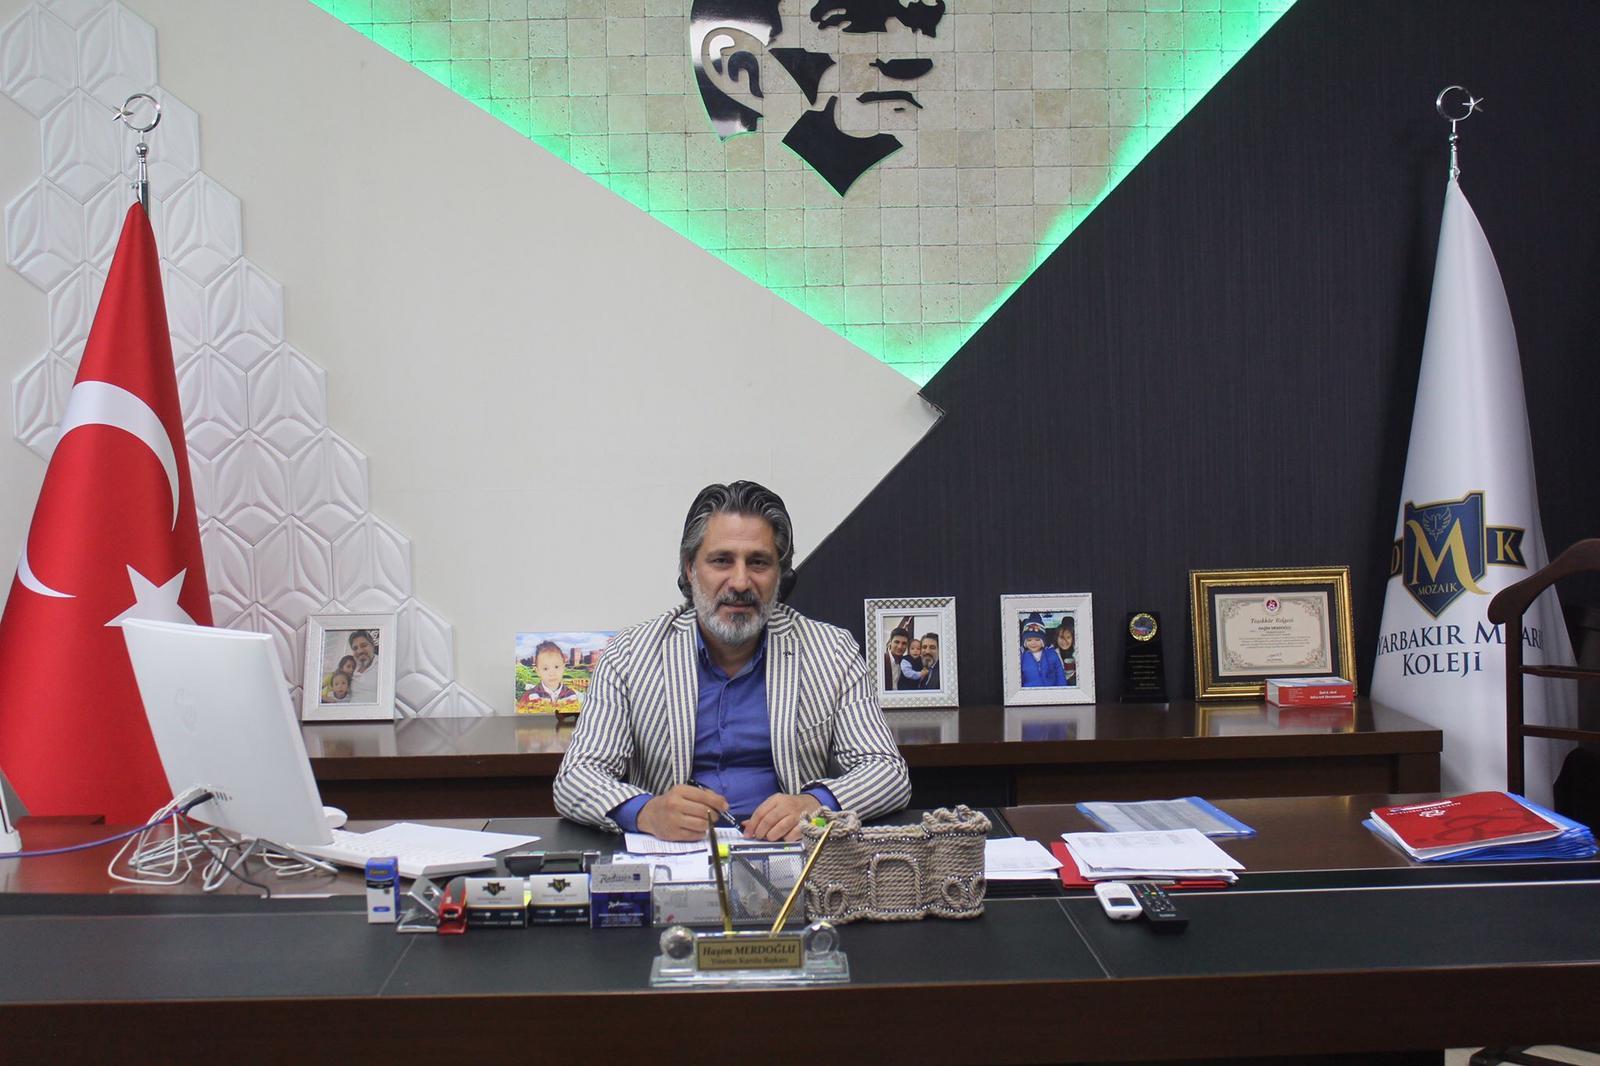 Ak Partili Belediye Başkanının kardeşi Merdoğlu, DEVA Partı̇sı̇ Dı̇yarbakır İl Başkanlığına aday